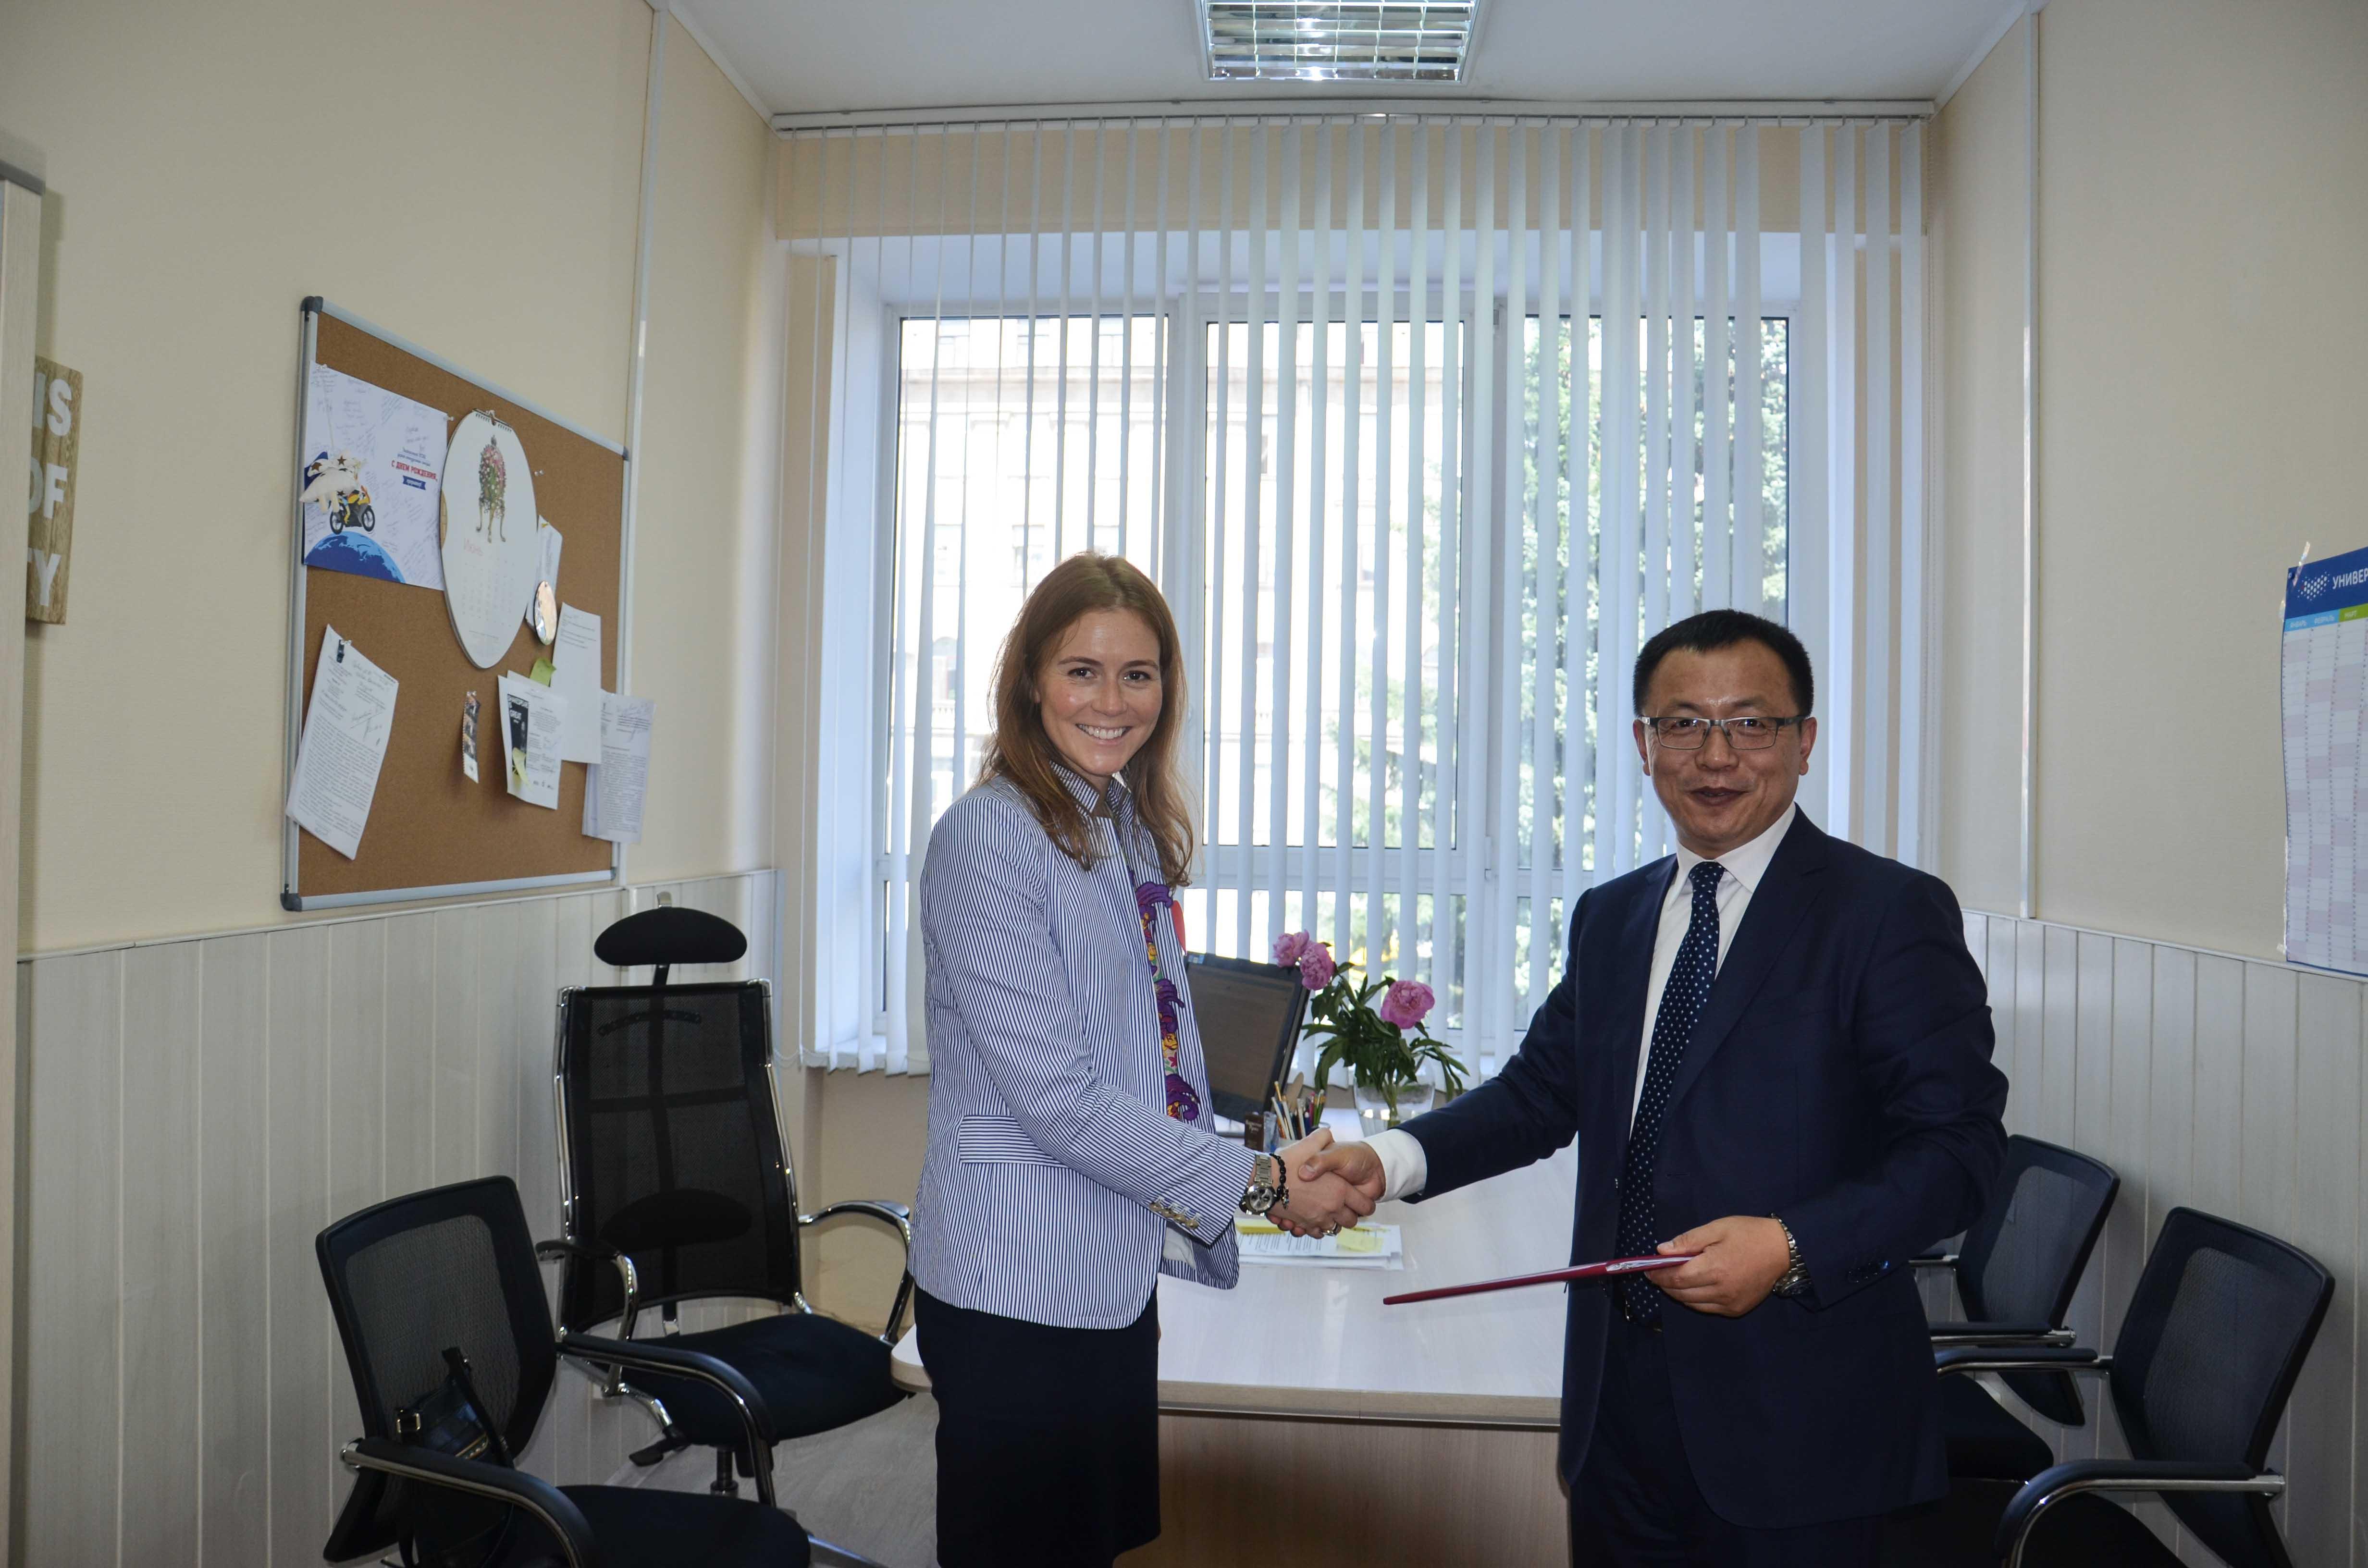 Университет ИТМО. Подписание соглашения с Чанчуньским политехническим университетом